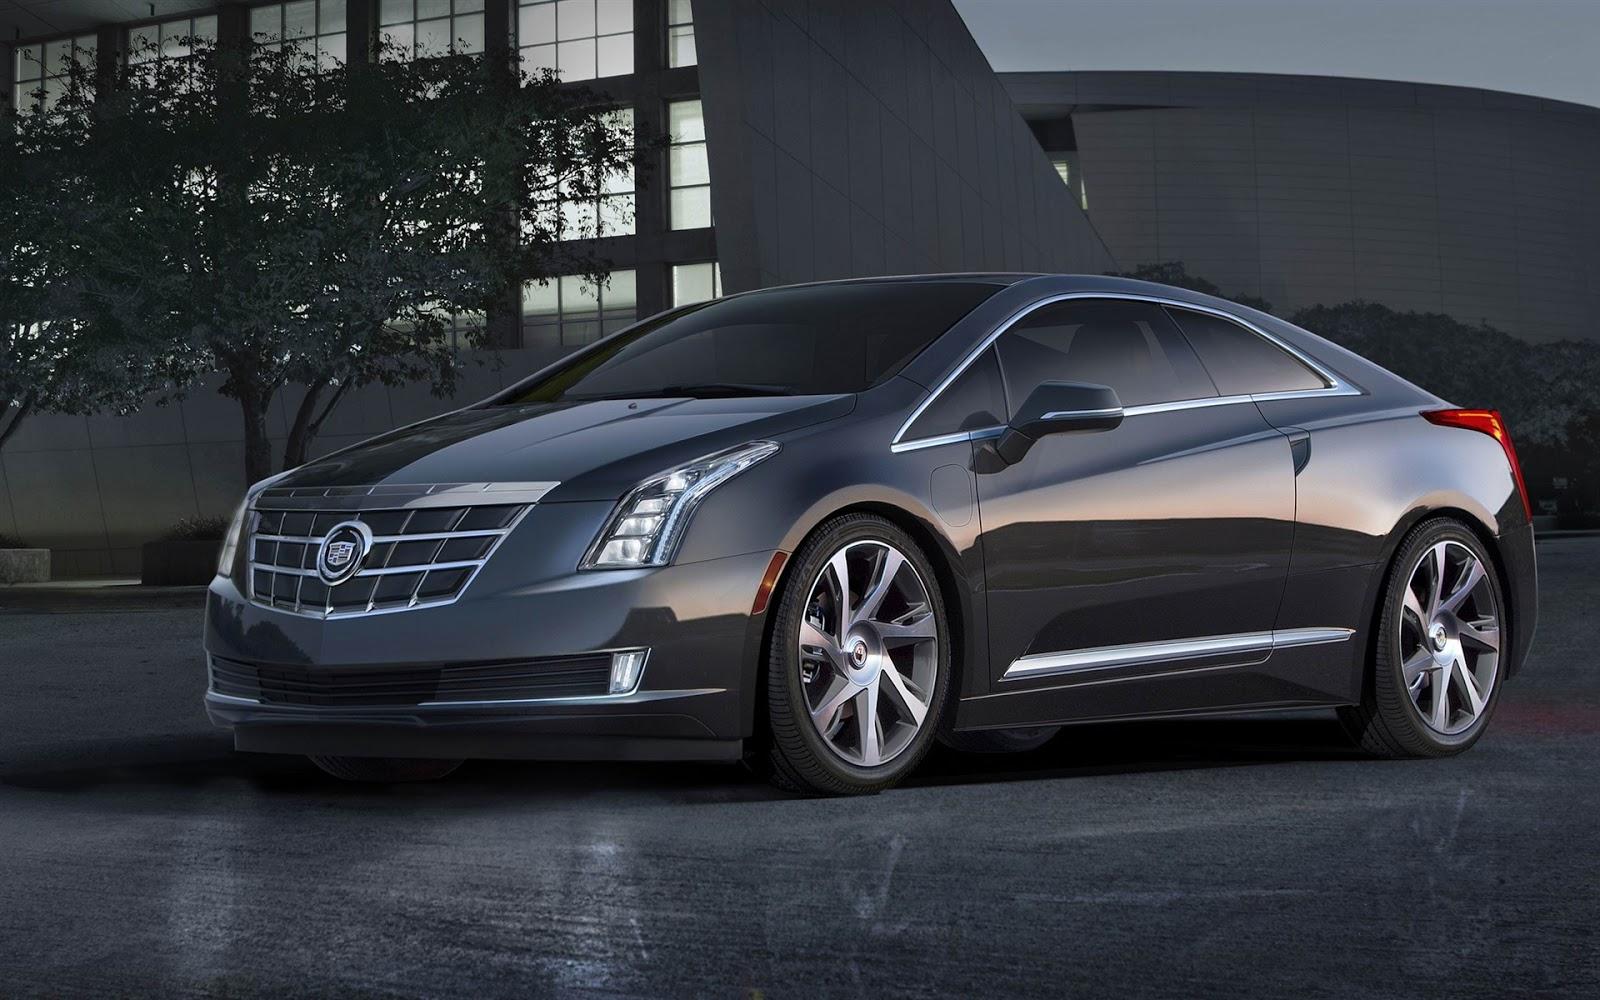 2014 Cadillac ELR Auto